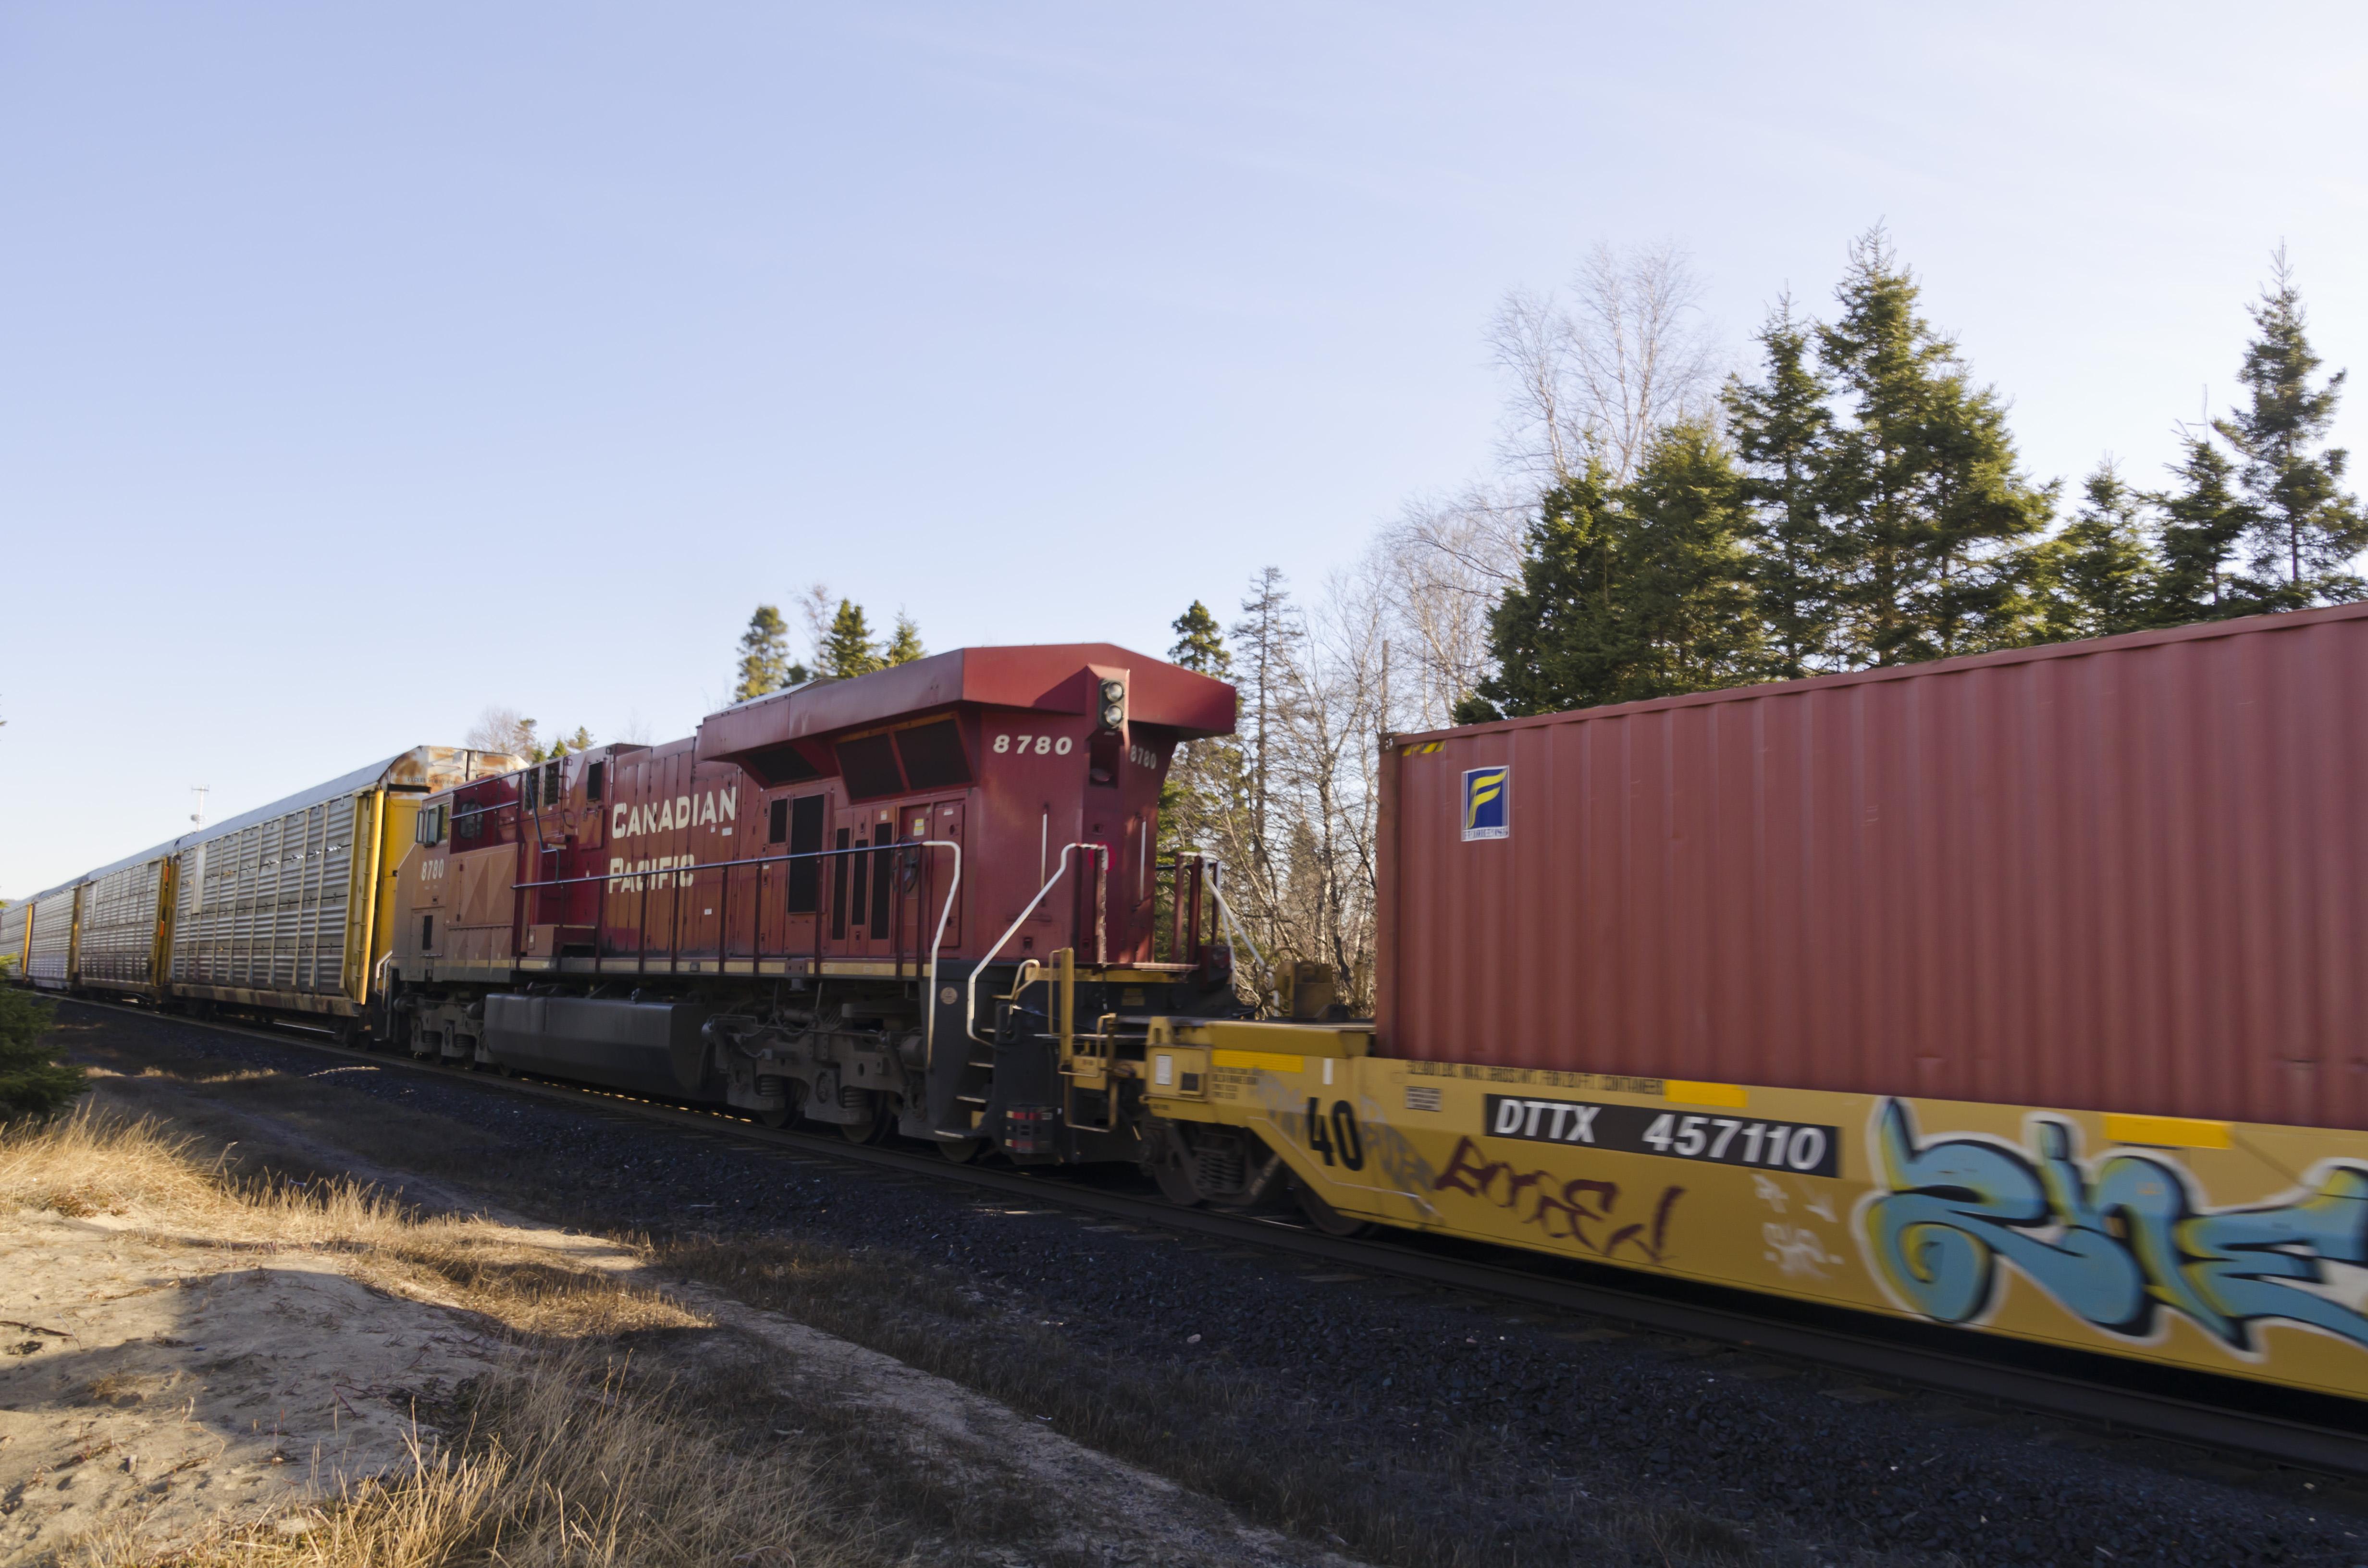 Canadian Pacific Railway CP #8780 GE ES44AC diesel